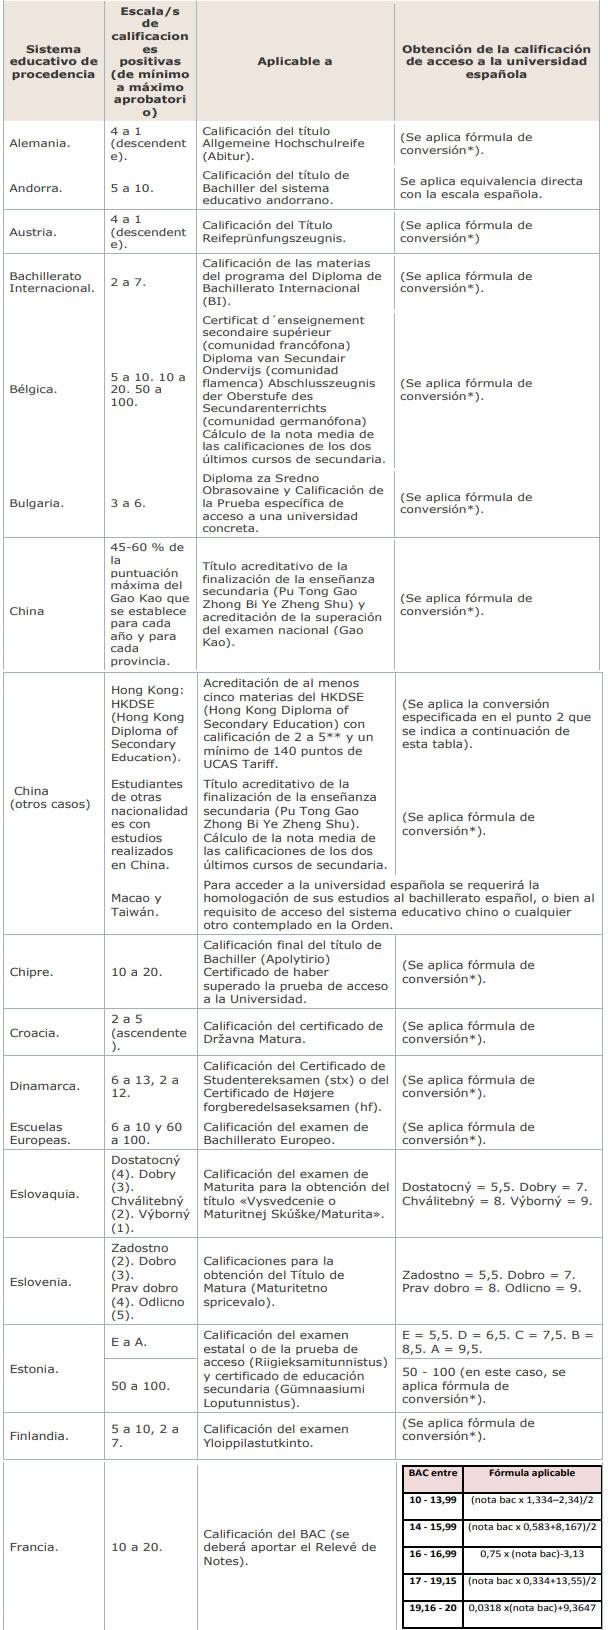 Anexo II del reglamento UNEDasiss - Nota de Acceso a la Universidad Española